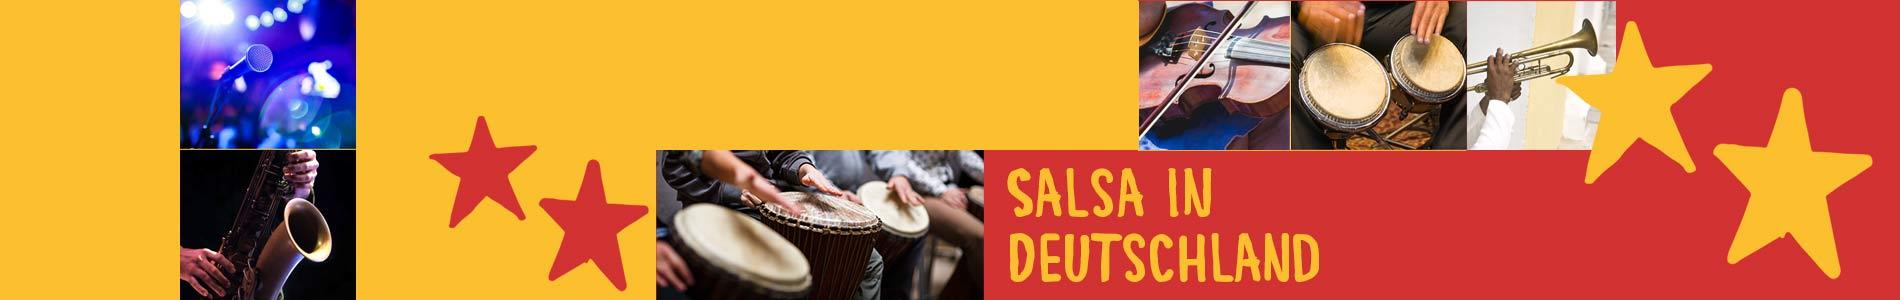 Salsa in Brücken – Salsa lernen und tanzen, Tanzkurse, Partys, Veranstaltungen